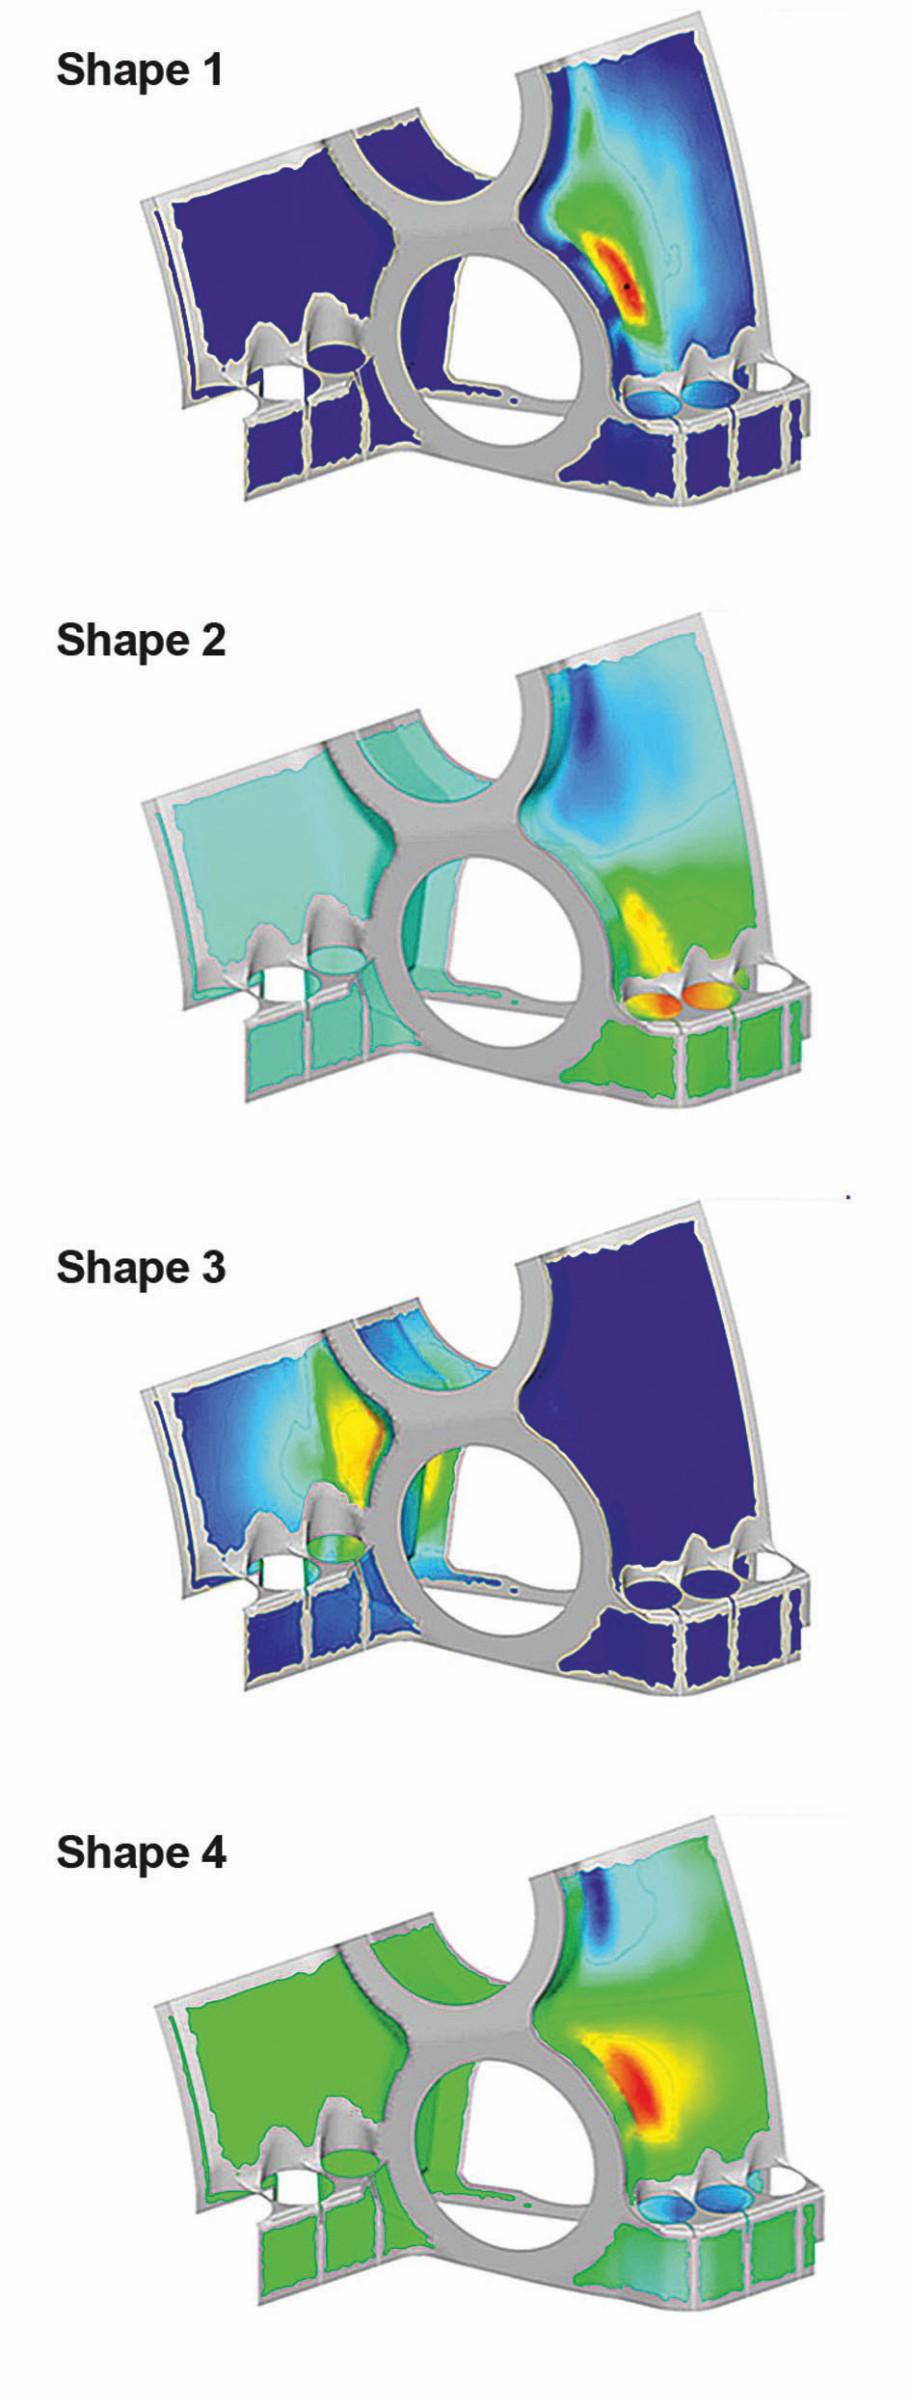 Bild 5 Statistisches Formmodell (Zufallsfeld) mit den wichtigsten Variationsmustern. Bild: Siemens